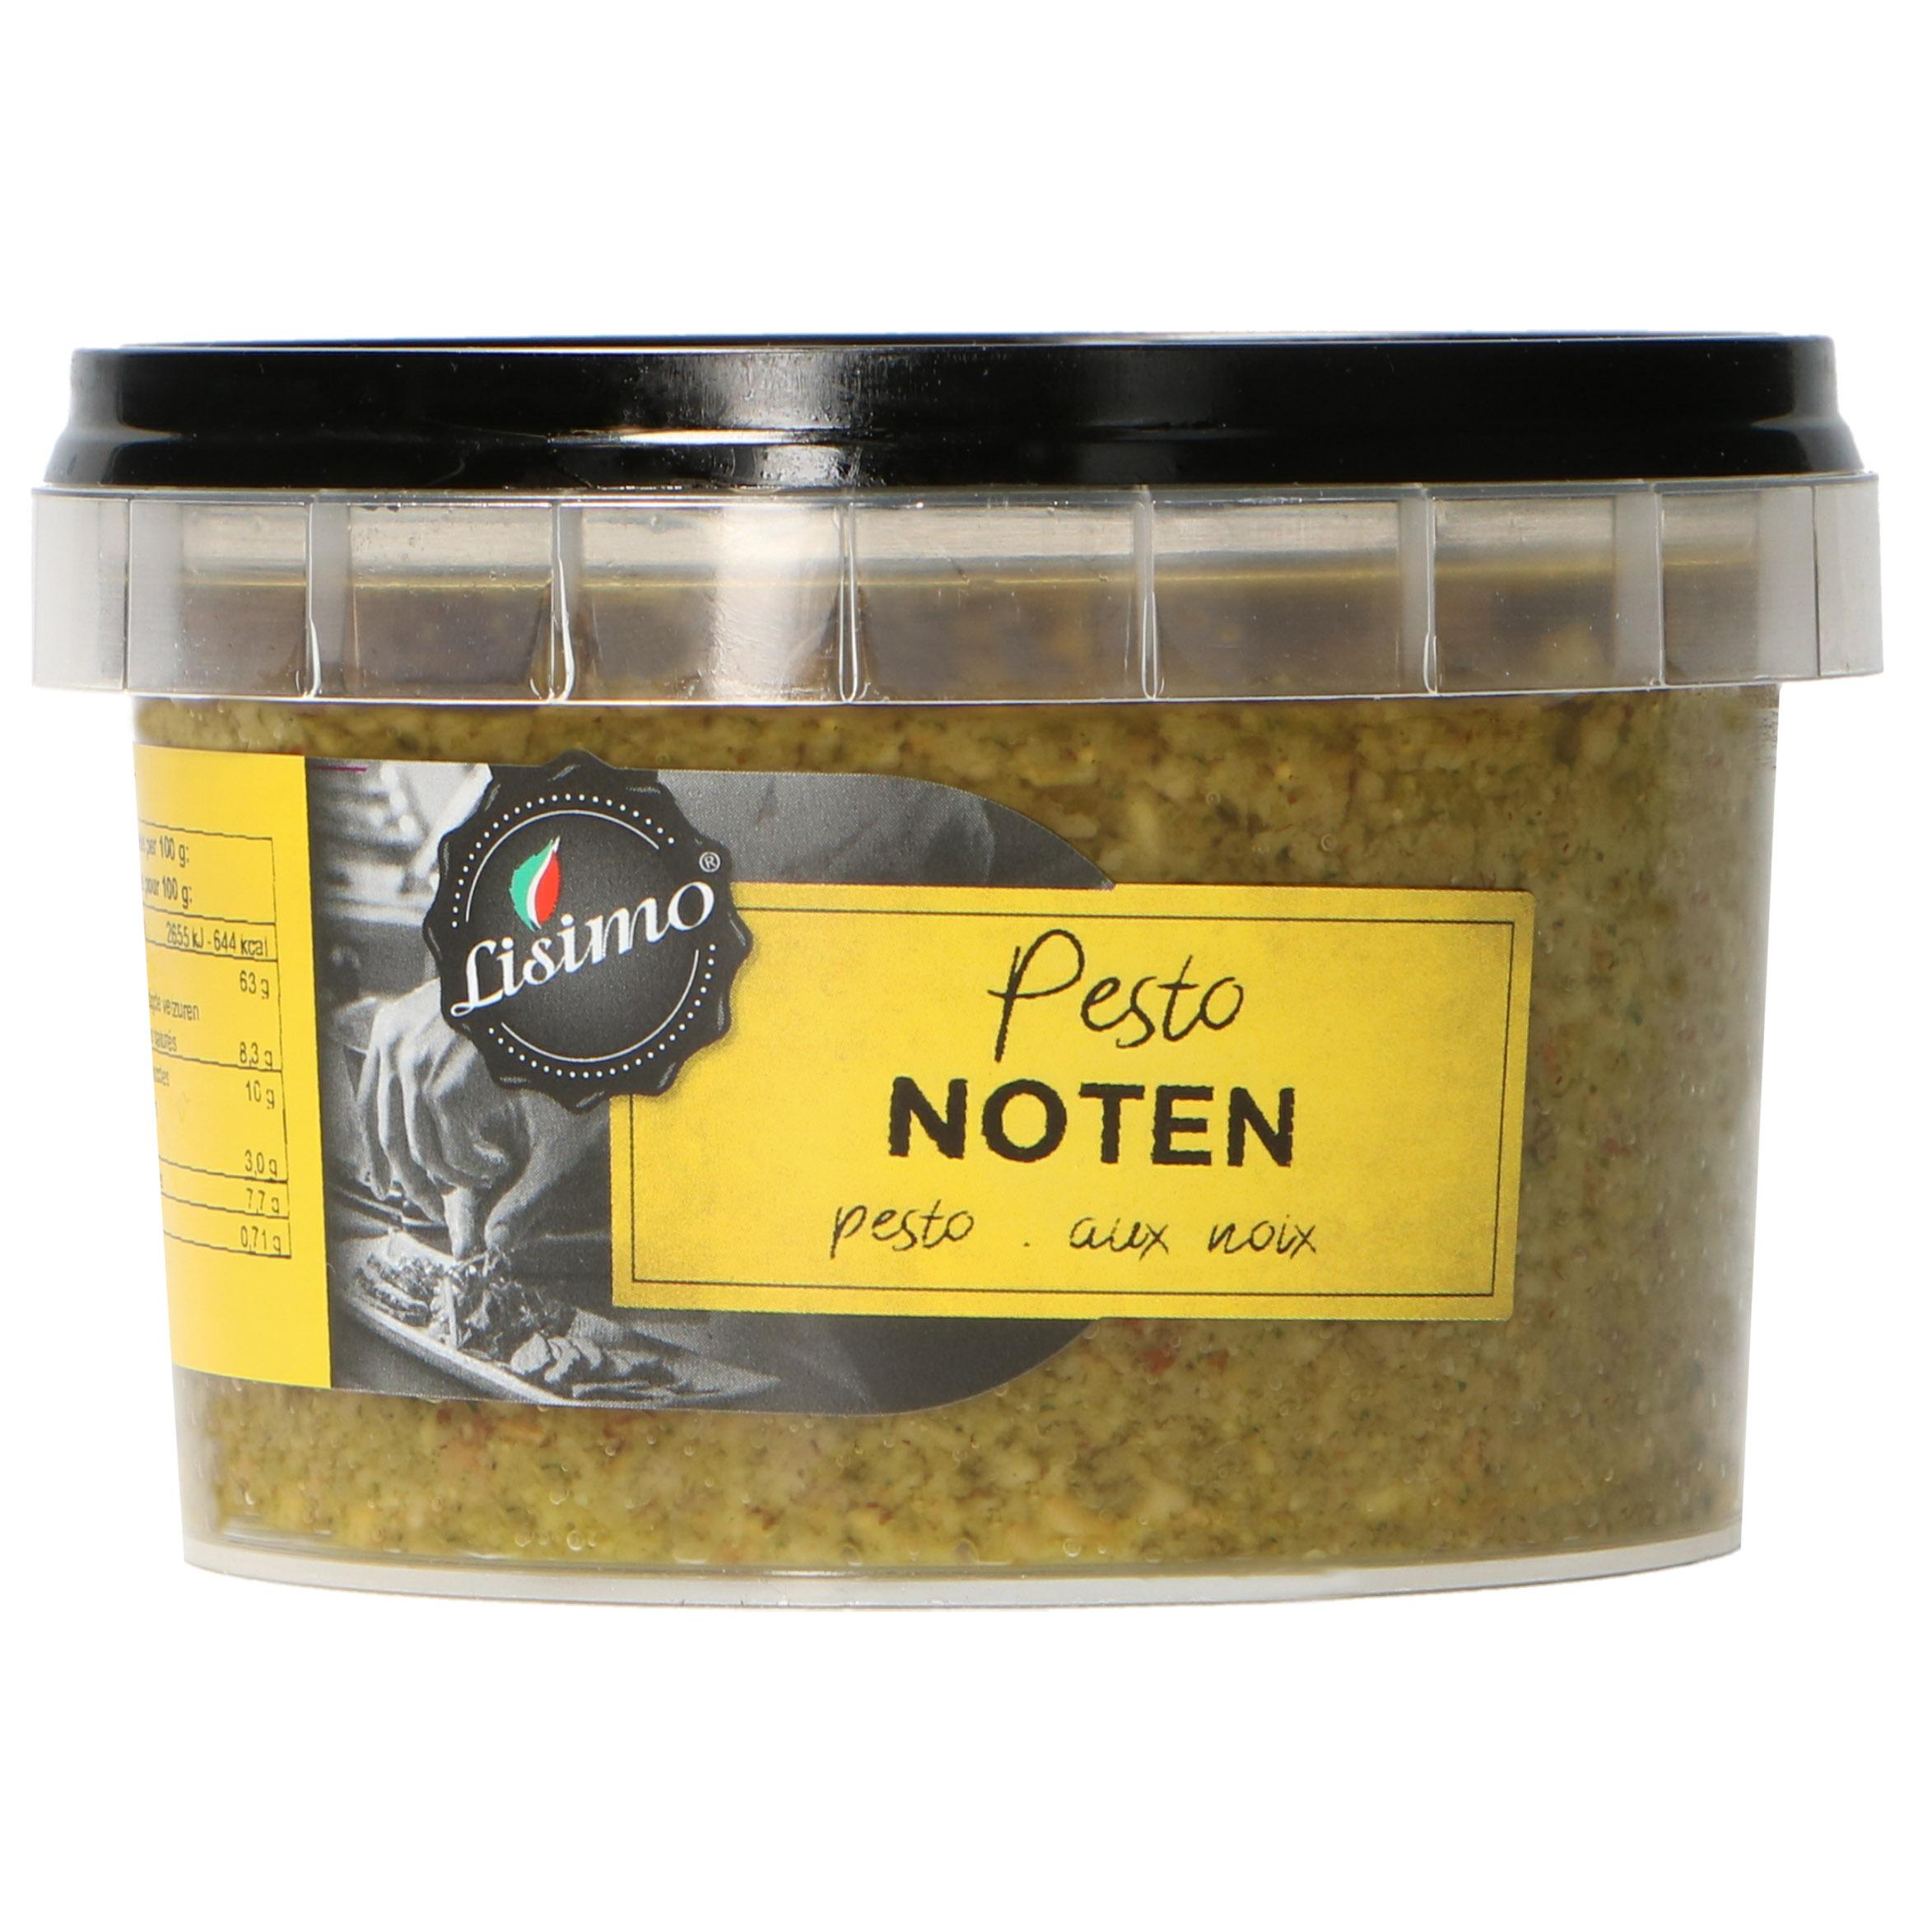 Pesto Noten - stuk